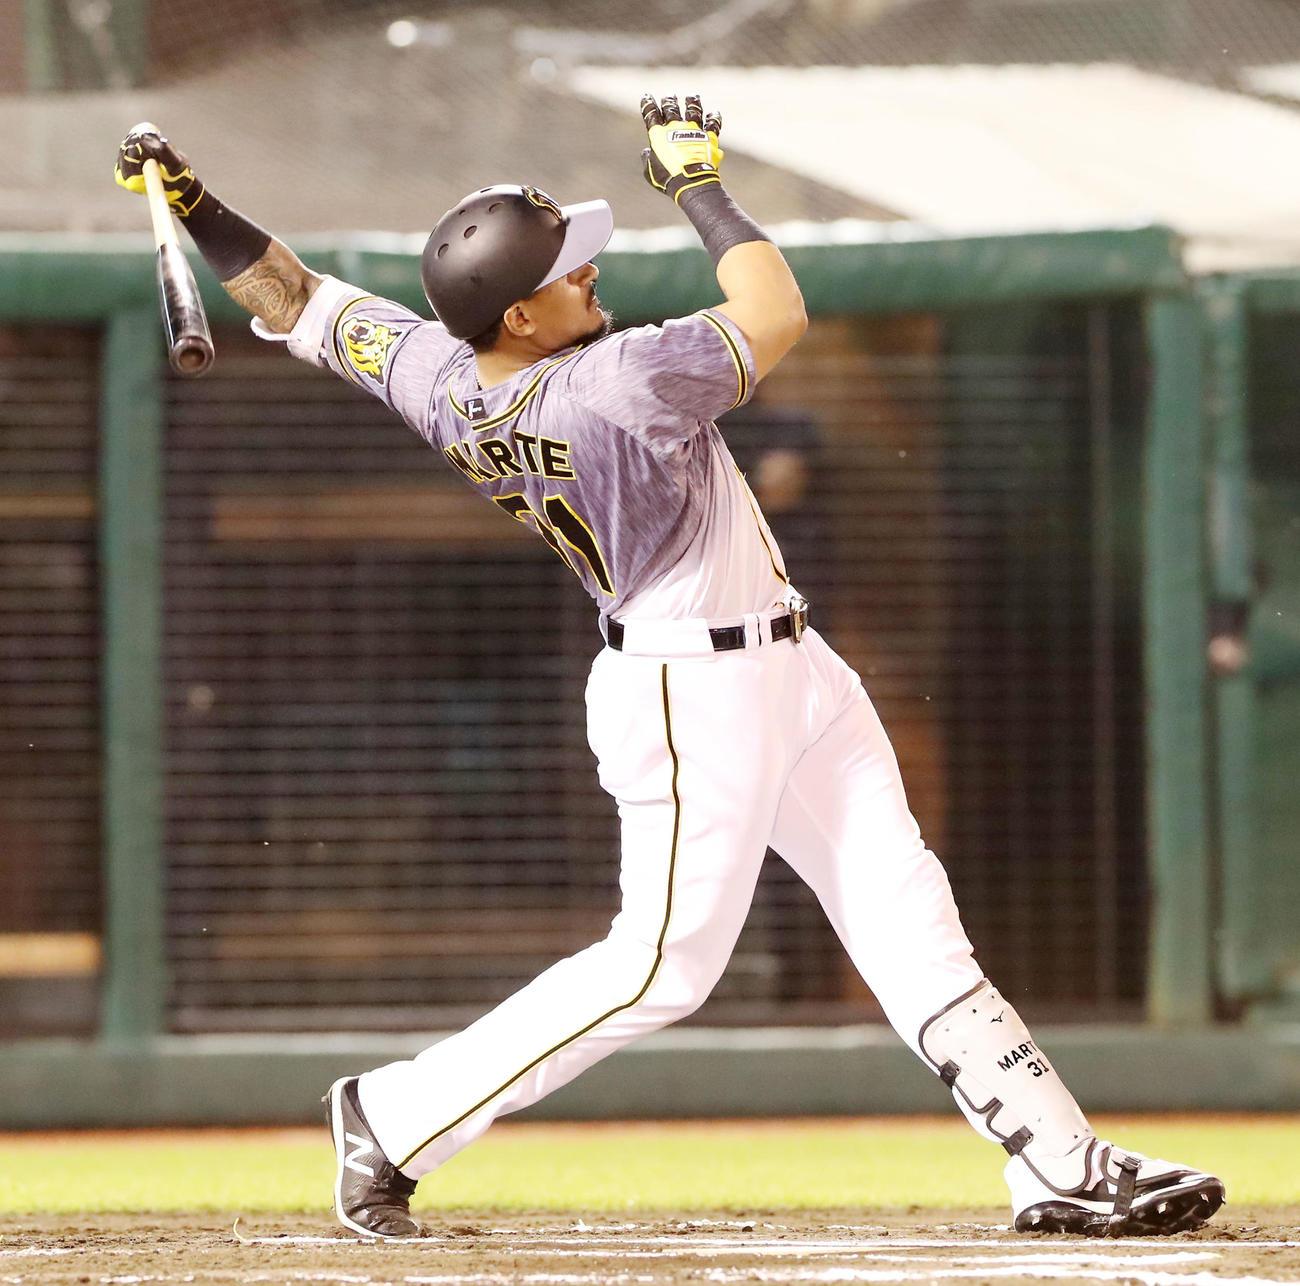 楽天対阪神 6回表阪神1死三塁、マルテは左越え2点本塁打を放つ(撮影・加藤哉)